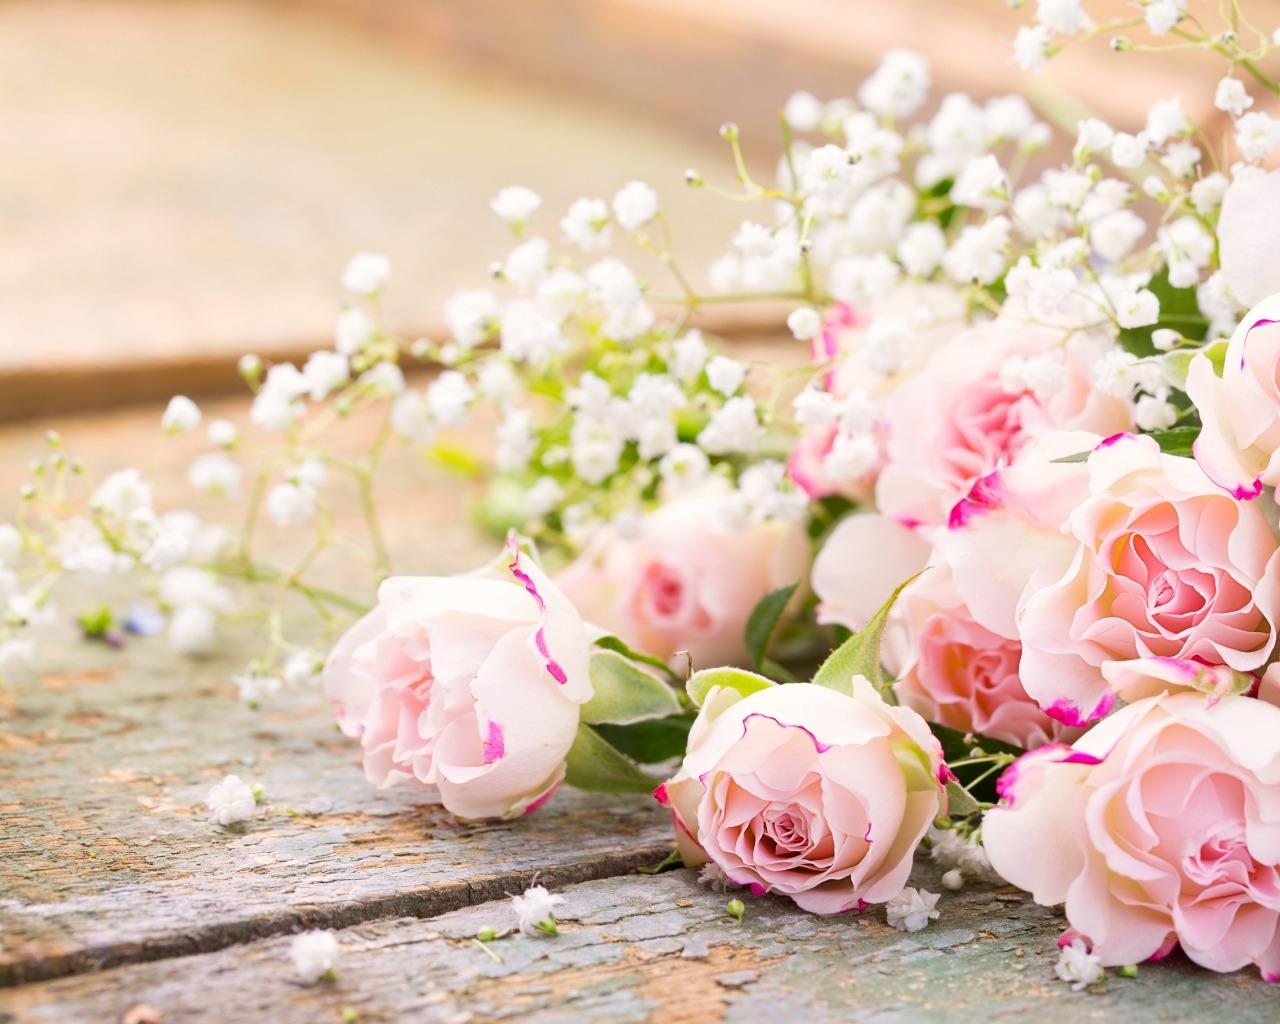 Картинки роз на рабочий стол красивые, картинки люди приколы